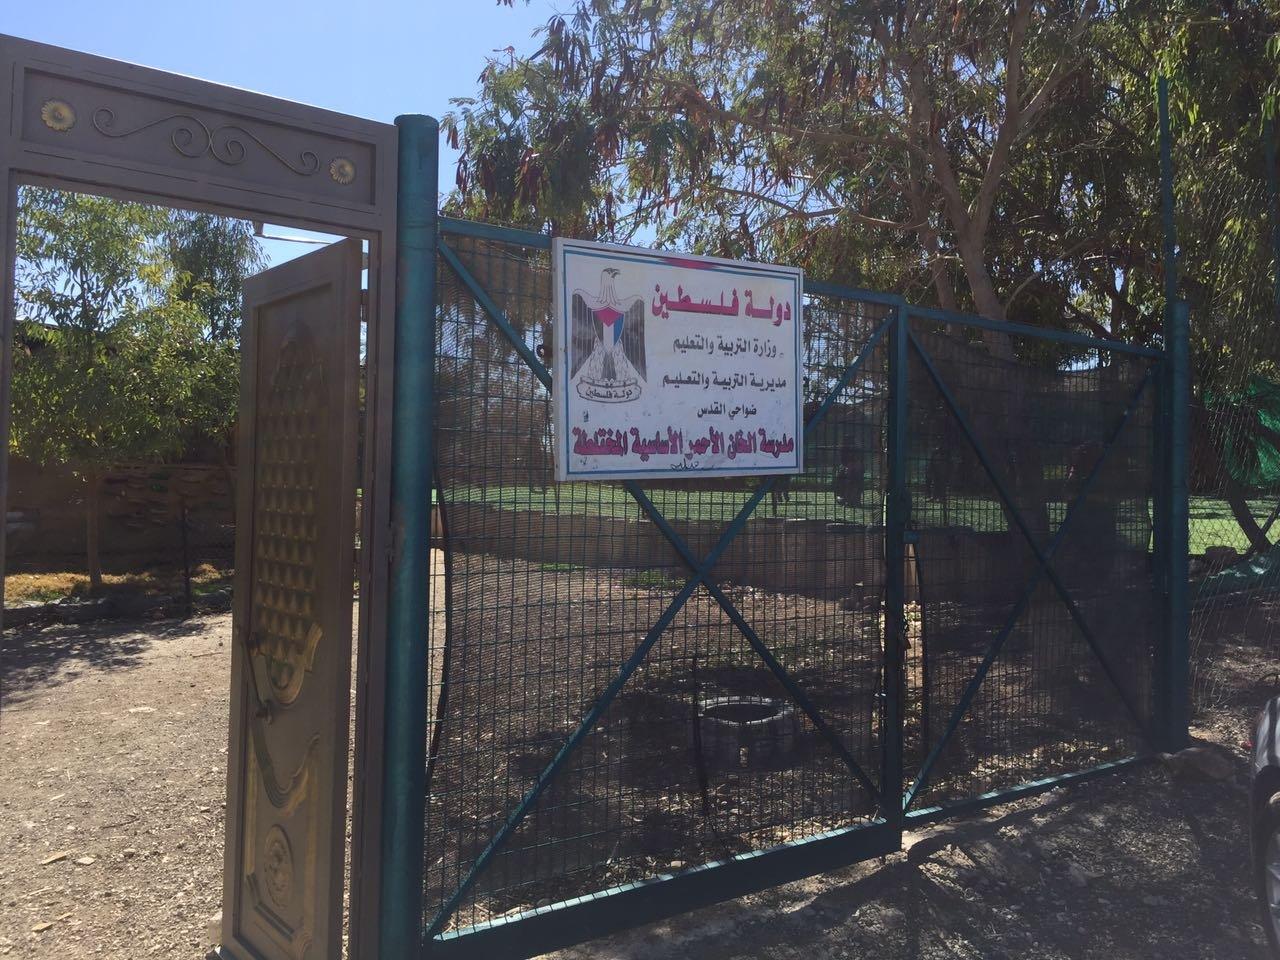 وقفة تضامنية لدعم صمود تجمع الخان الاحمر من خطر الترحيل والهدم